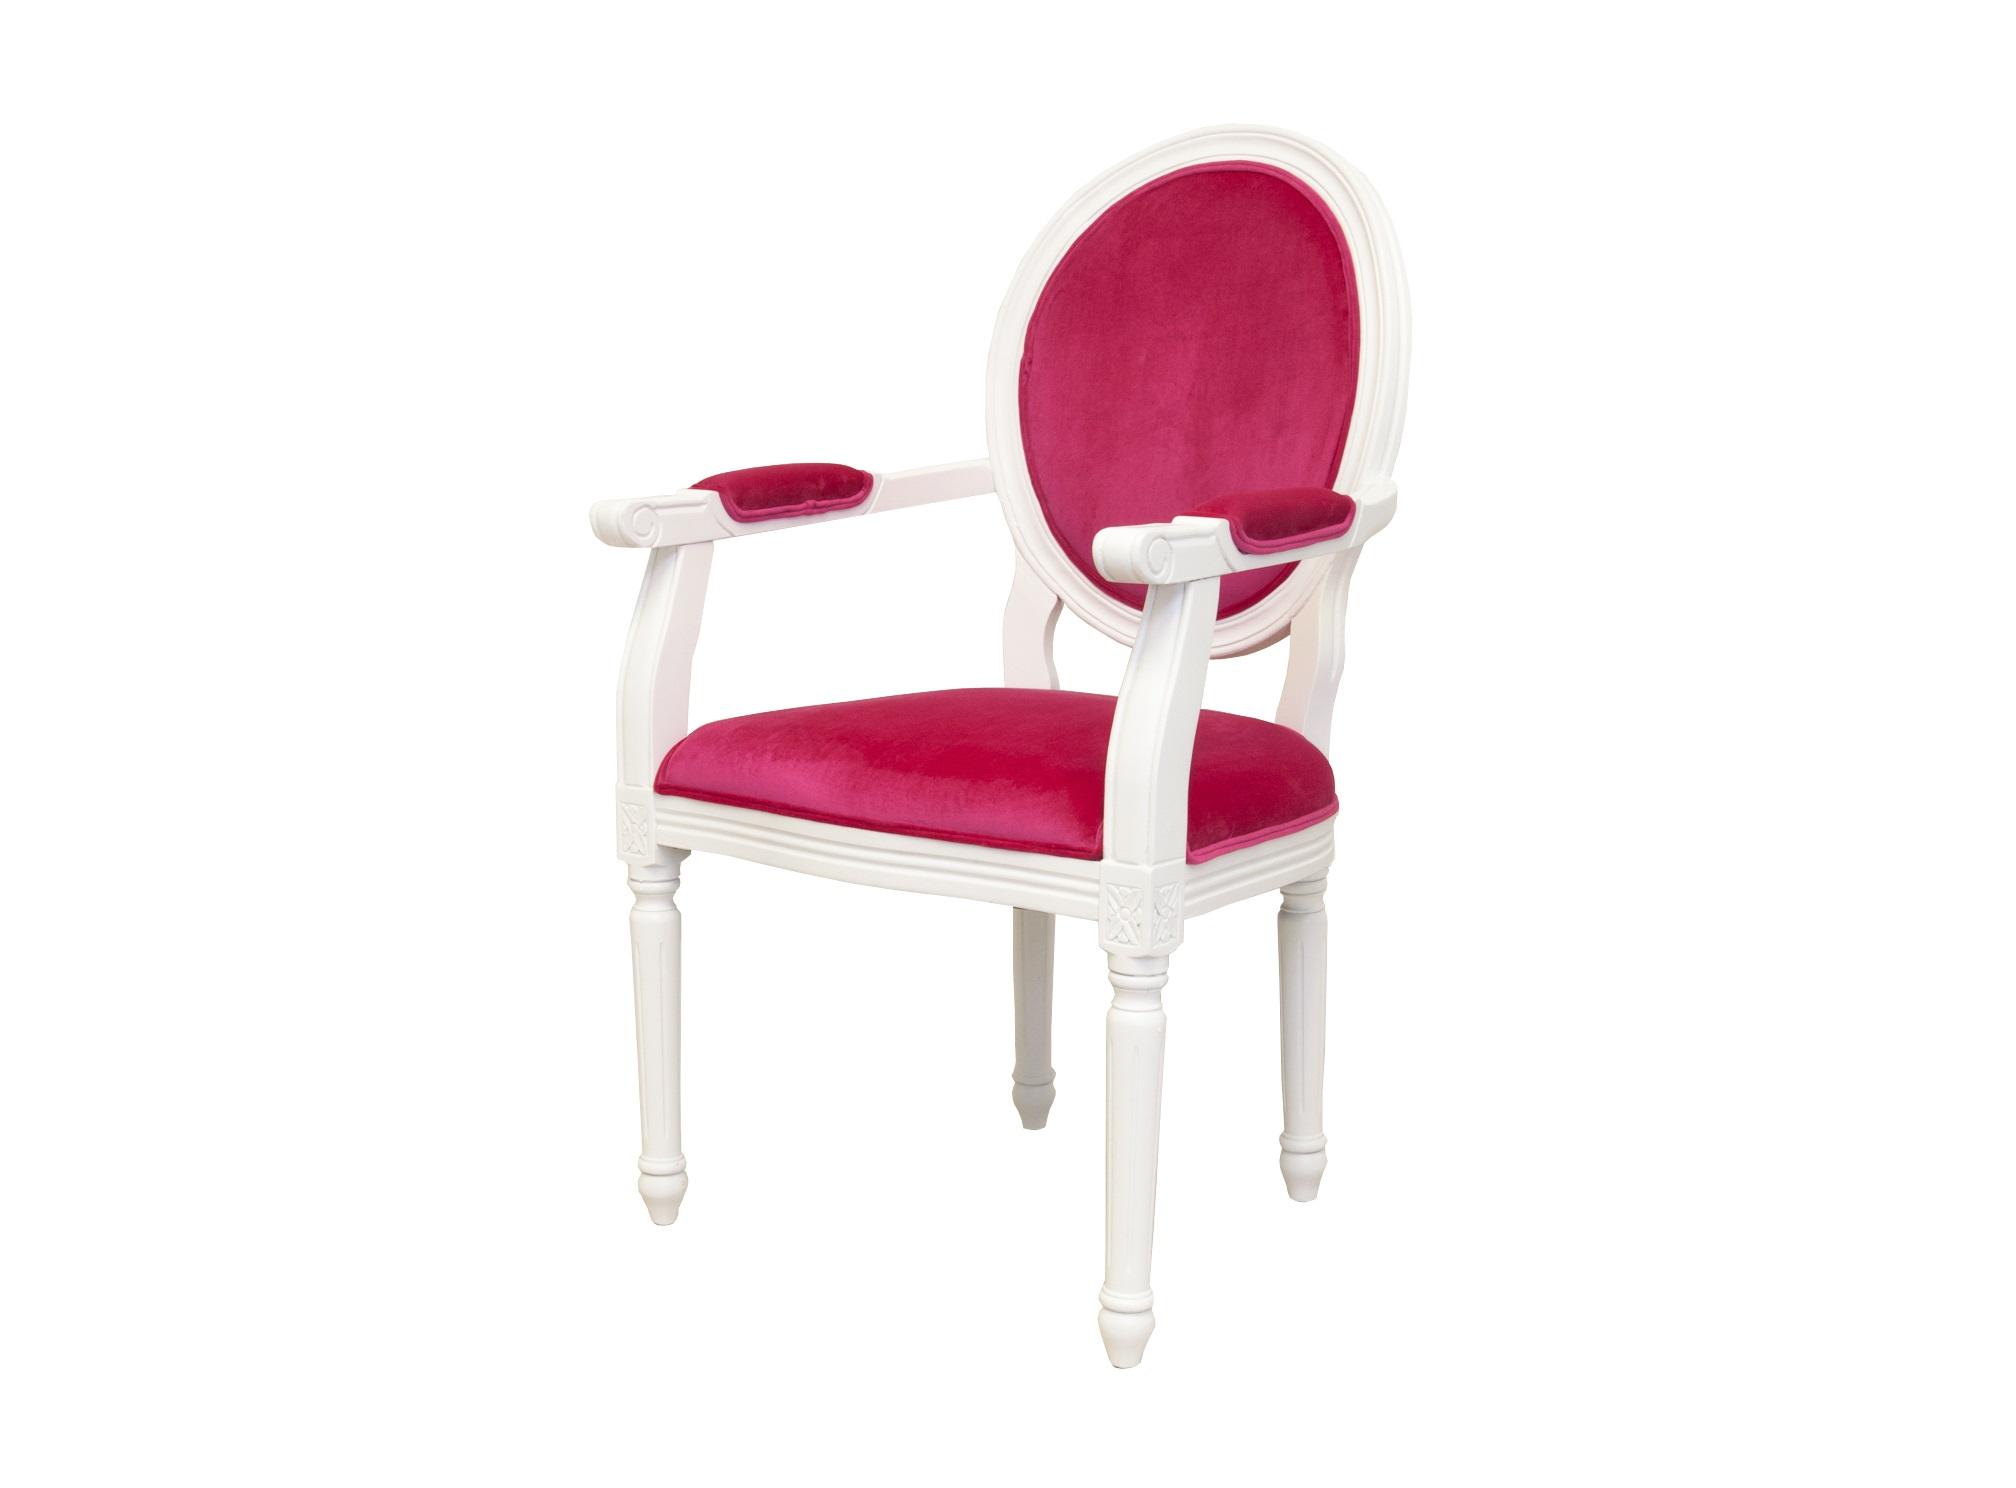 Стул DiellaСтулья с подлокотниками<br>Элегантное кресло Diella классического дизайна, его изящные подлокотники выполнены с применением резной работы по дереву. Модель с овальной спинкой в деревянной раме, украшенной резным элементом. Элегантное кресло с лаконичным размером отлично впишется в интерьер столовой, гостиной или кабинета.&amp;amp;nbsp;&amp;lt;div&amp;gt;&amp;lt;br&amp;gt;&amp;lt;/div&amp;gt;&amp;lt;div&amp;gt;Материалы: массив дуба, велюр&amp;lt;/div&amp;gt;<br><br>Material: Велюр<br>Ширина см: 57<br>Высота см: 99<br>Глубина см: 57